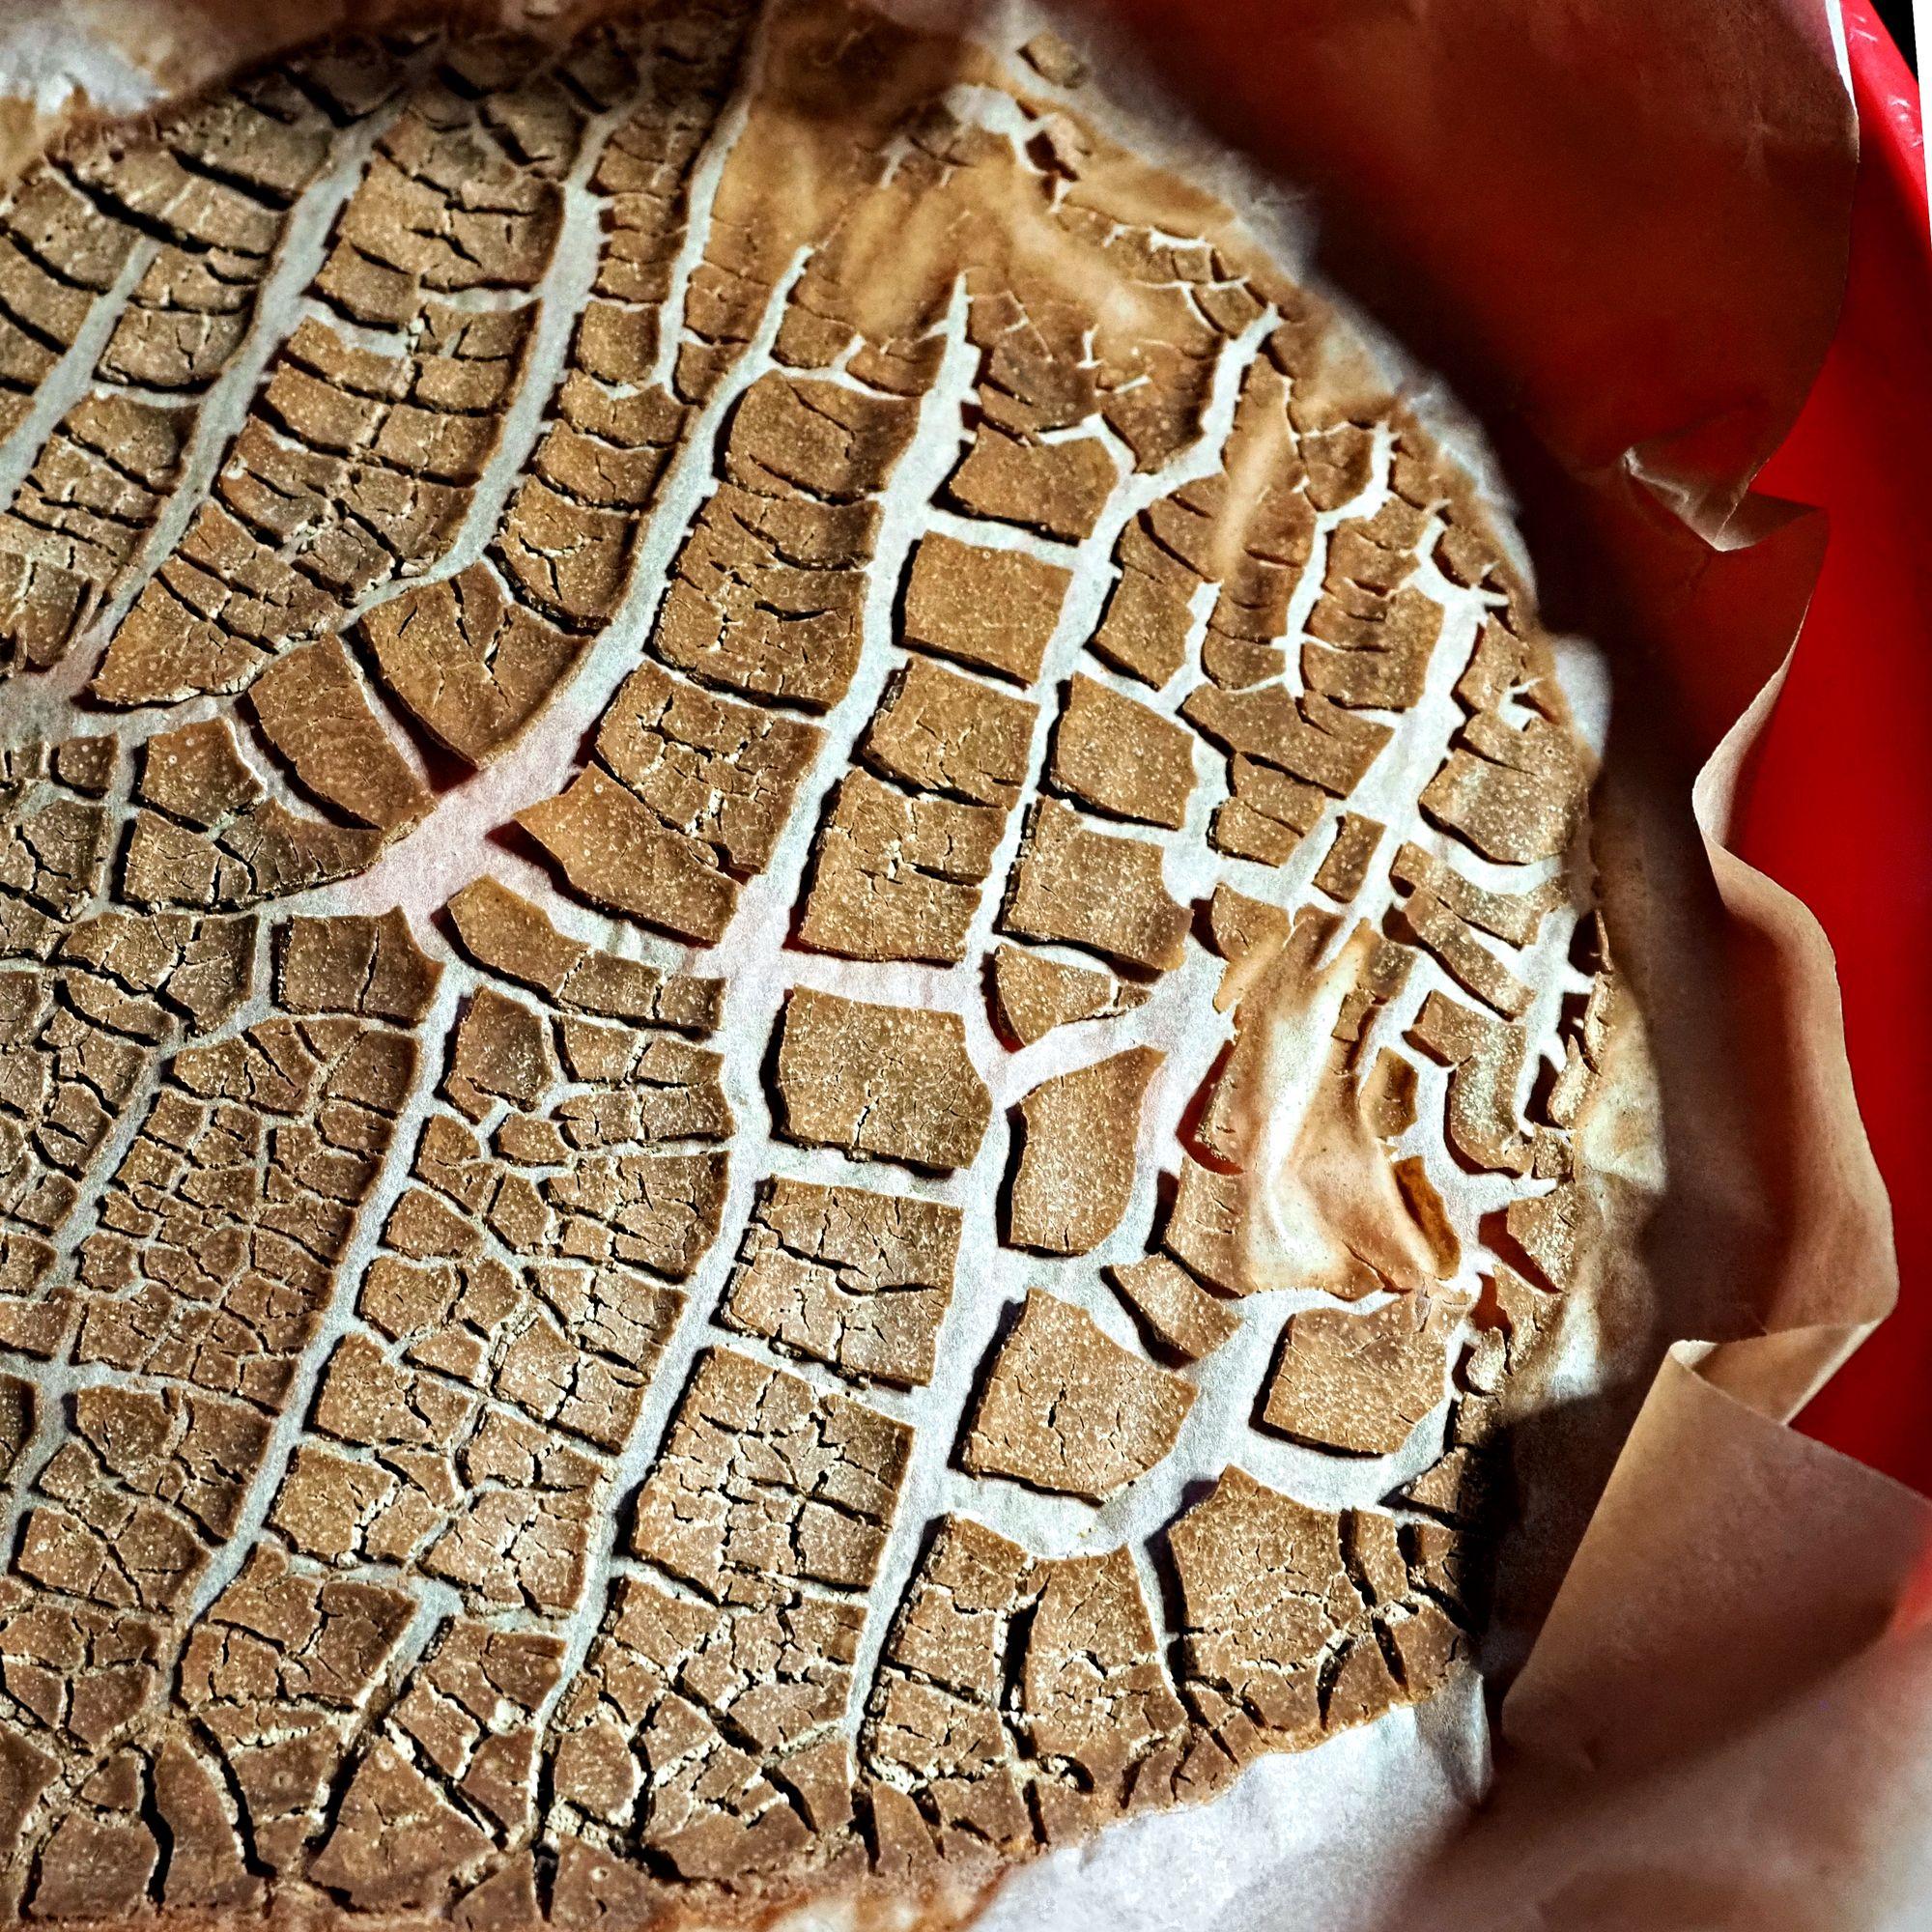 Perinteistä norjalaista kveik-hiivajuurta. Kuivattuna se näyttää reliikiltä, mutta tarvittaessa hiivajuuri herää kahdessa tunnissa käyttämään oluen. © Mika Laitinen